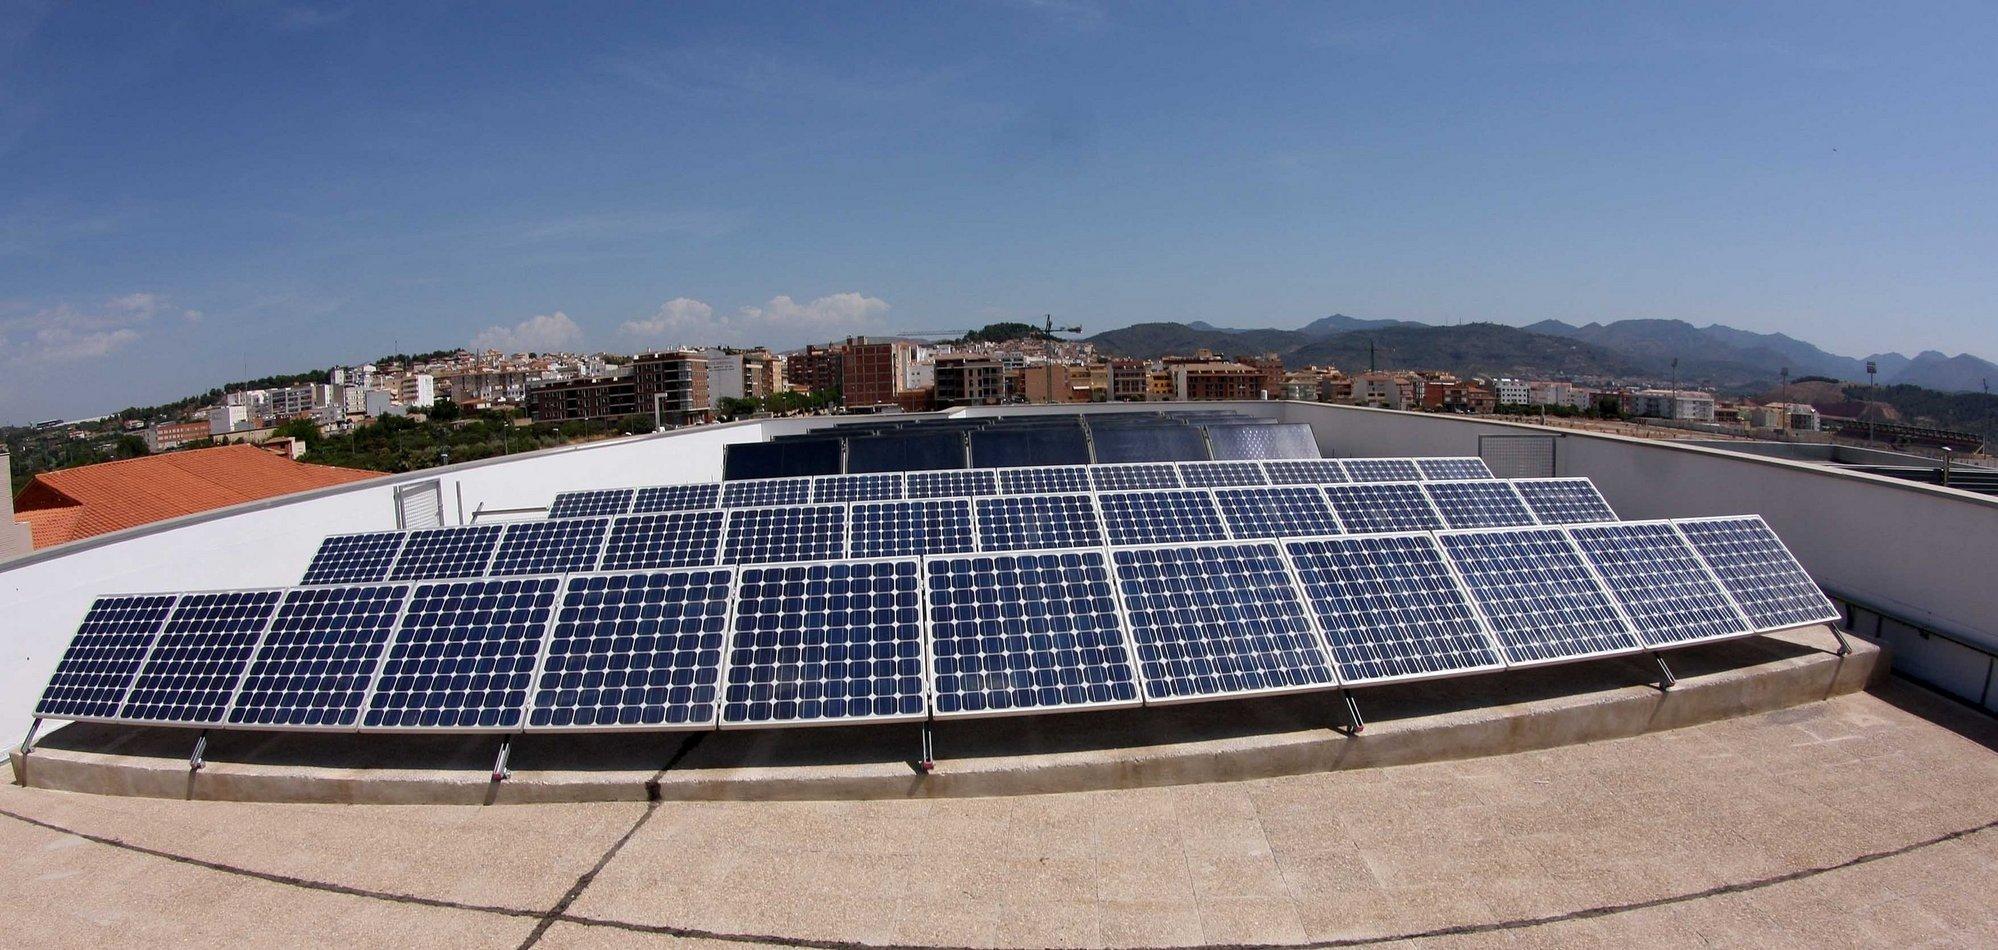 La CARM anima a familias y particulares a invertir en energías renovables por sus ventajas económicas y medioambientales